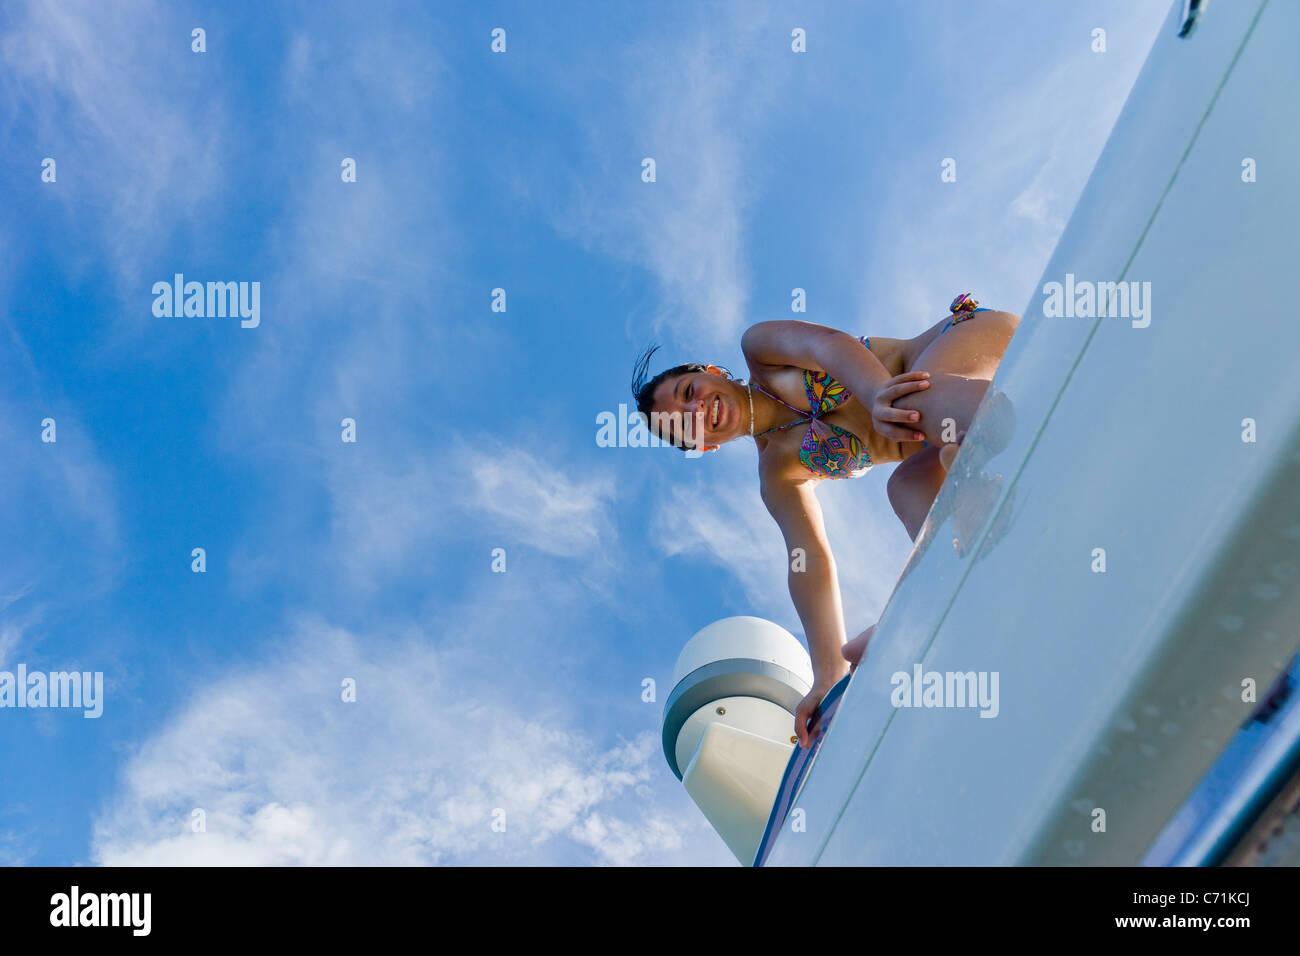 Fille sur haut de yacht, smiling, portrait Photo Stock